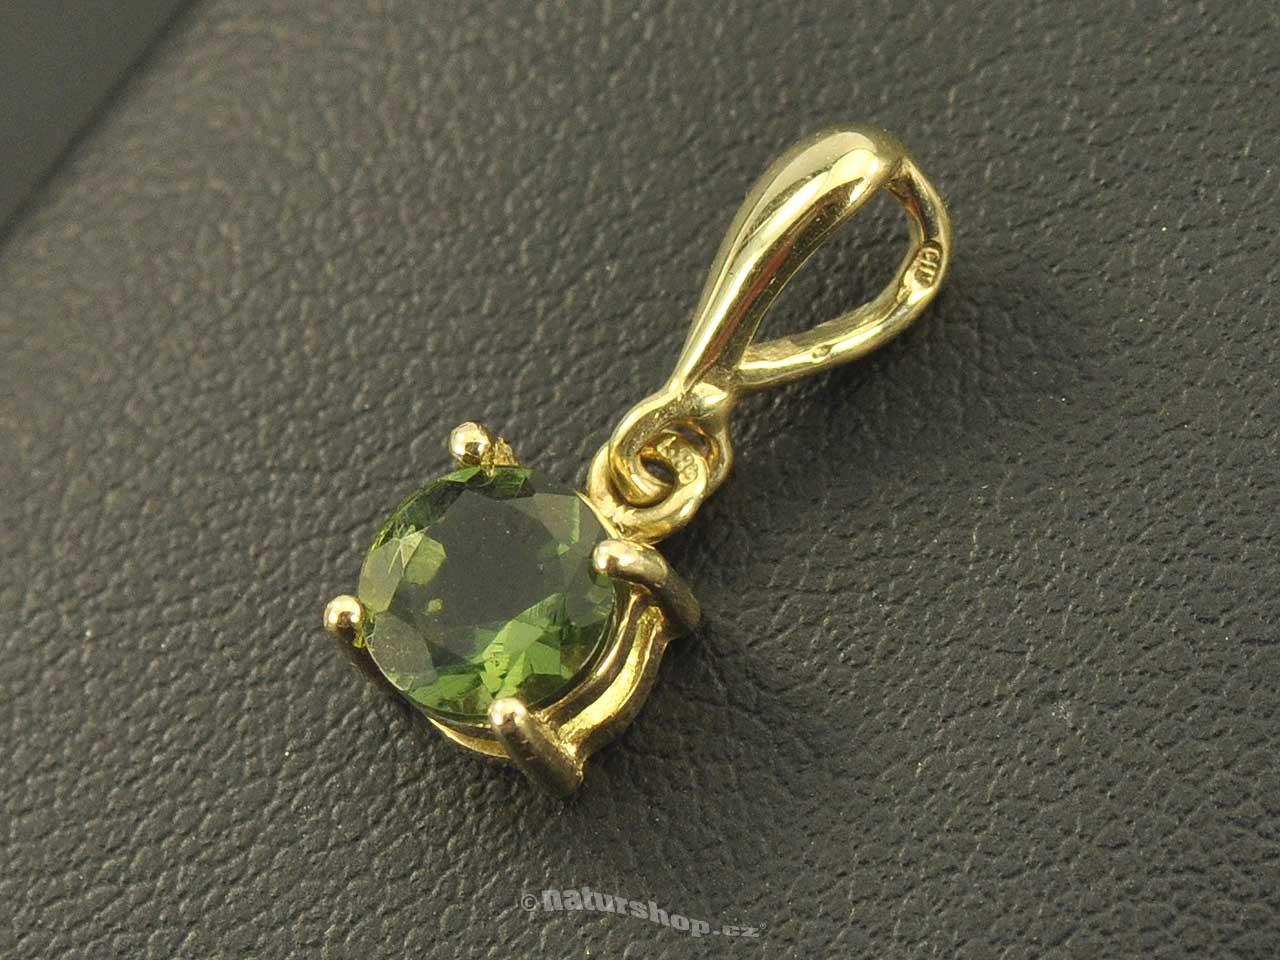 Vltavín zlato přívěsek Au 585/1000 14K 1.03g